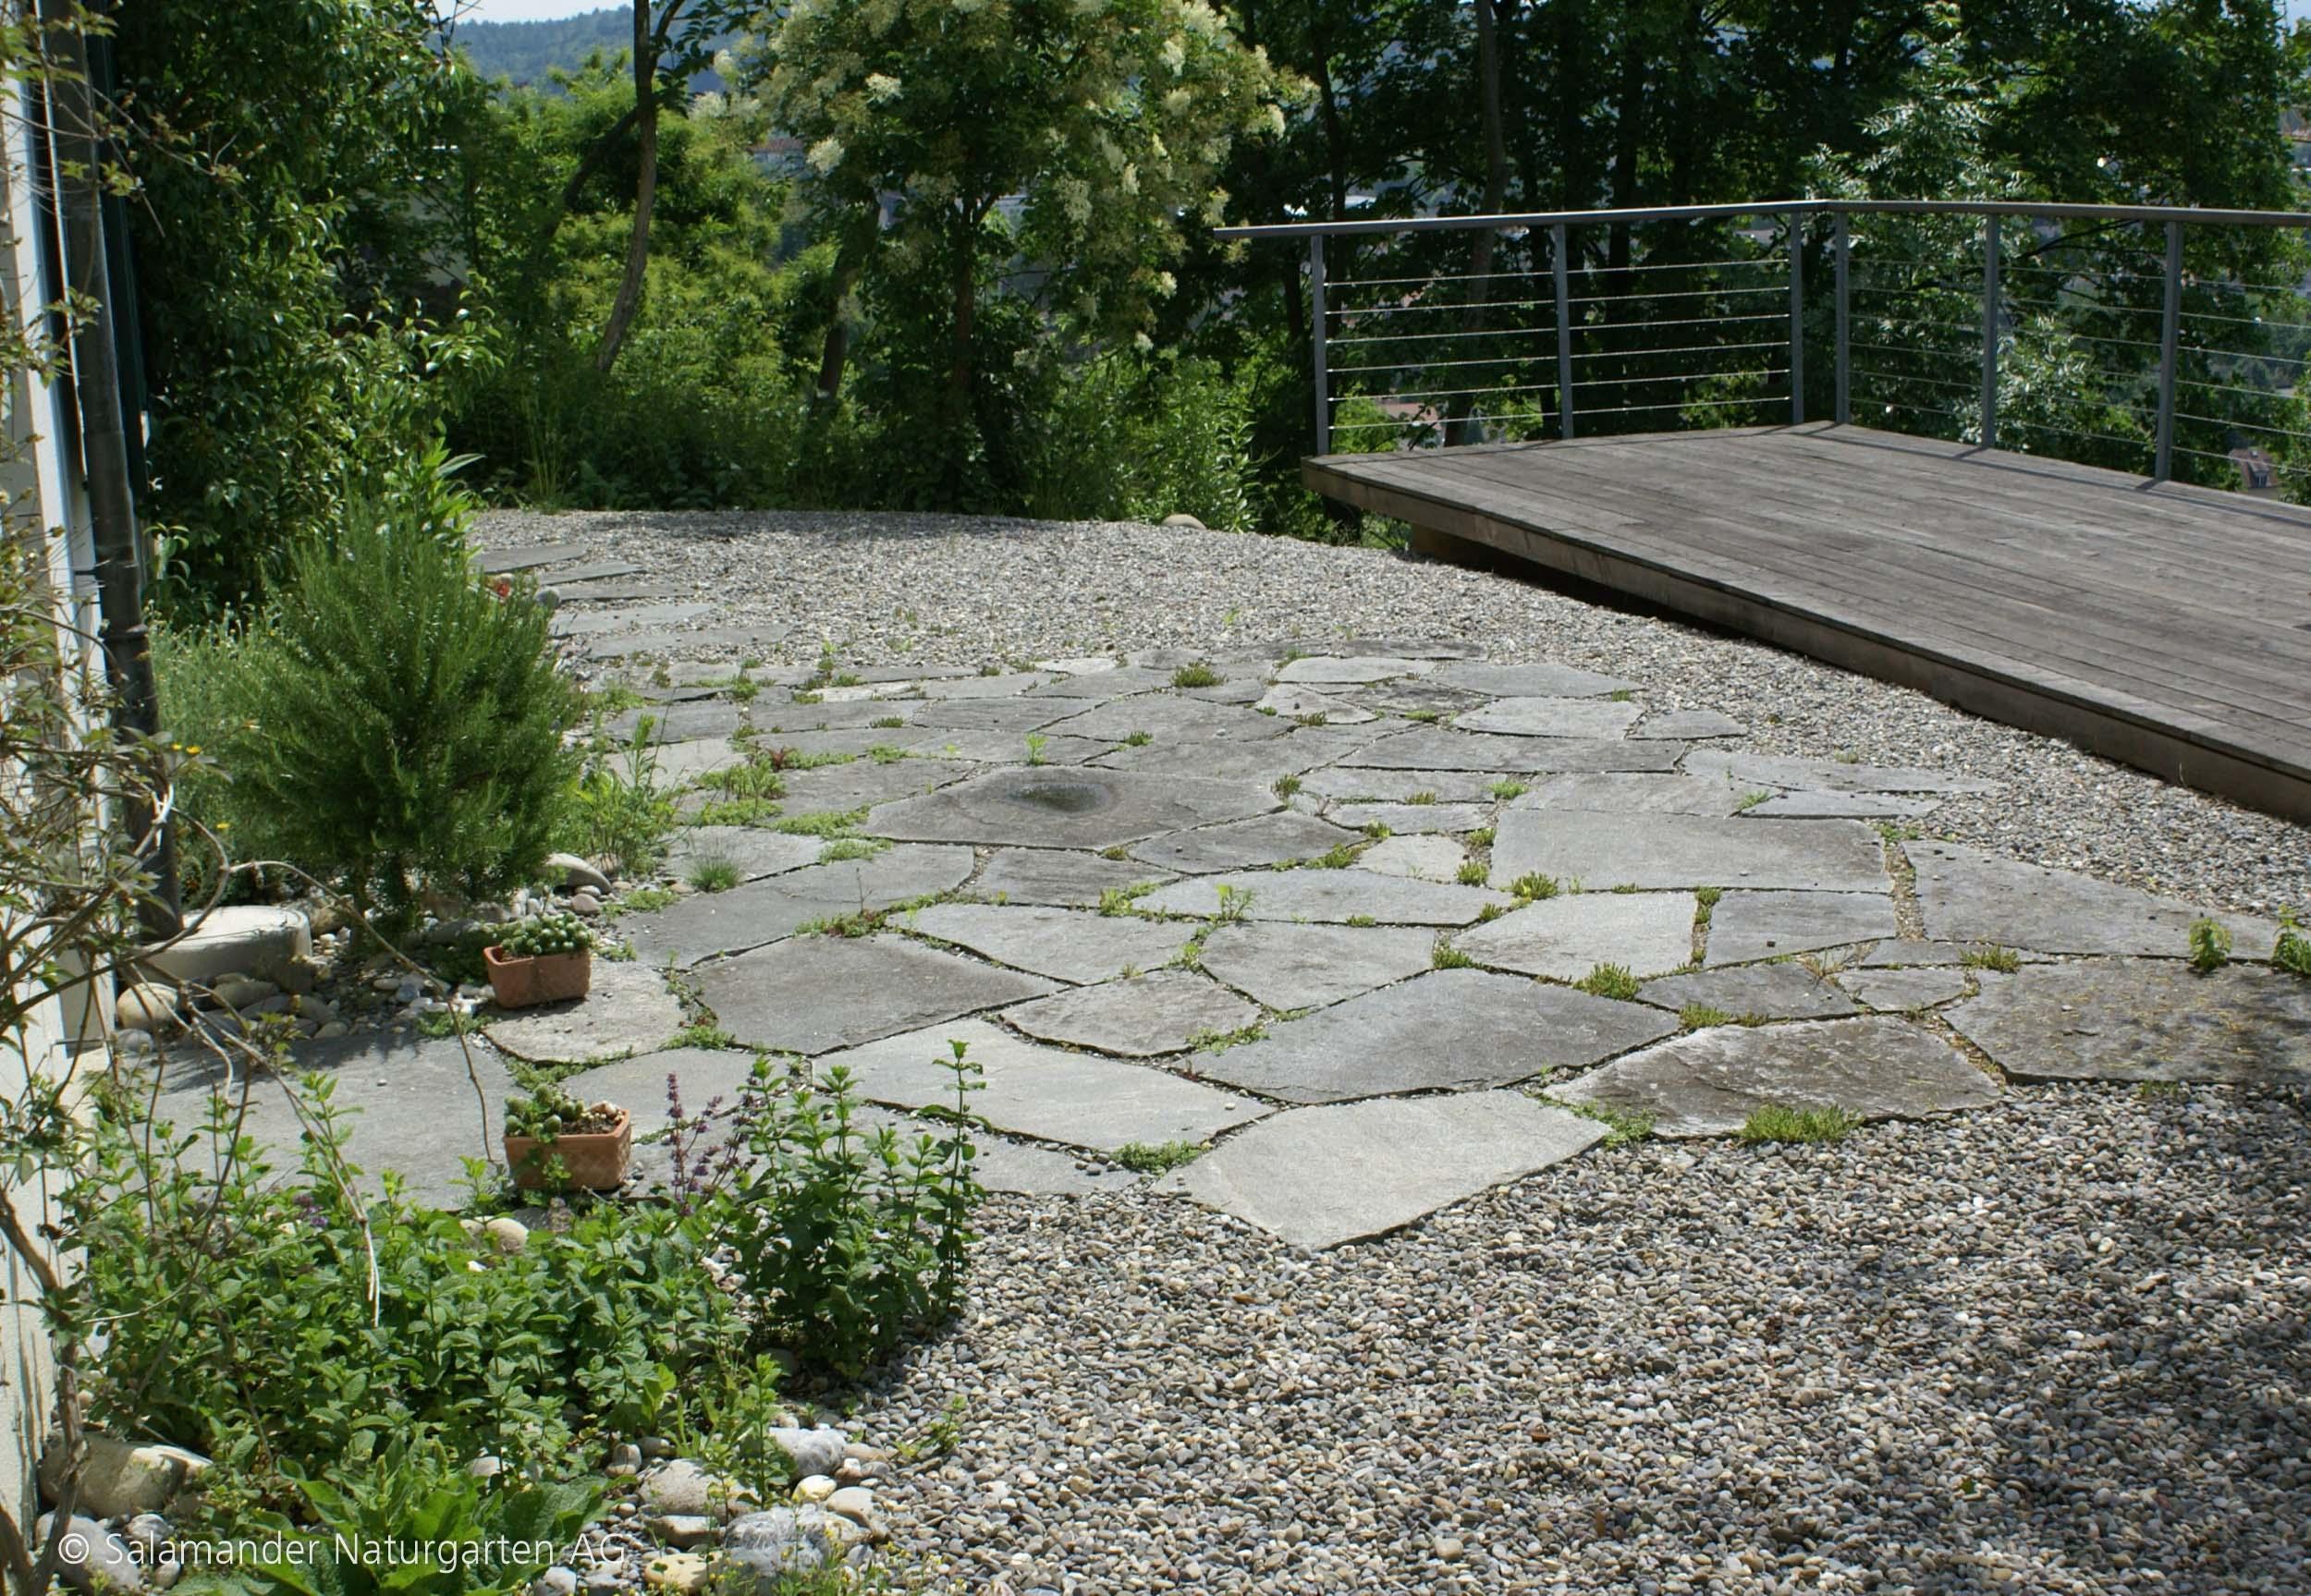 Kiesplatz mit Steinplatten und Gewürzen